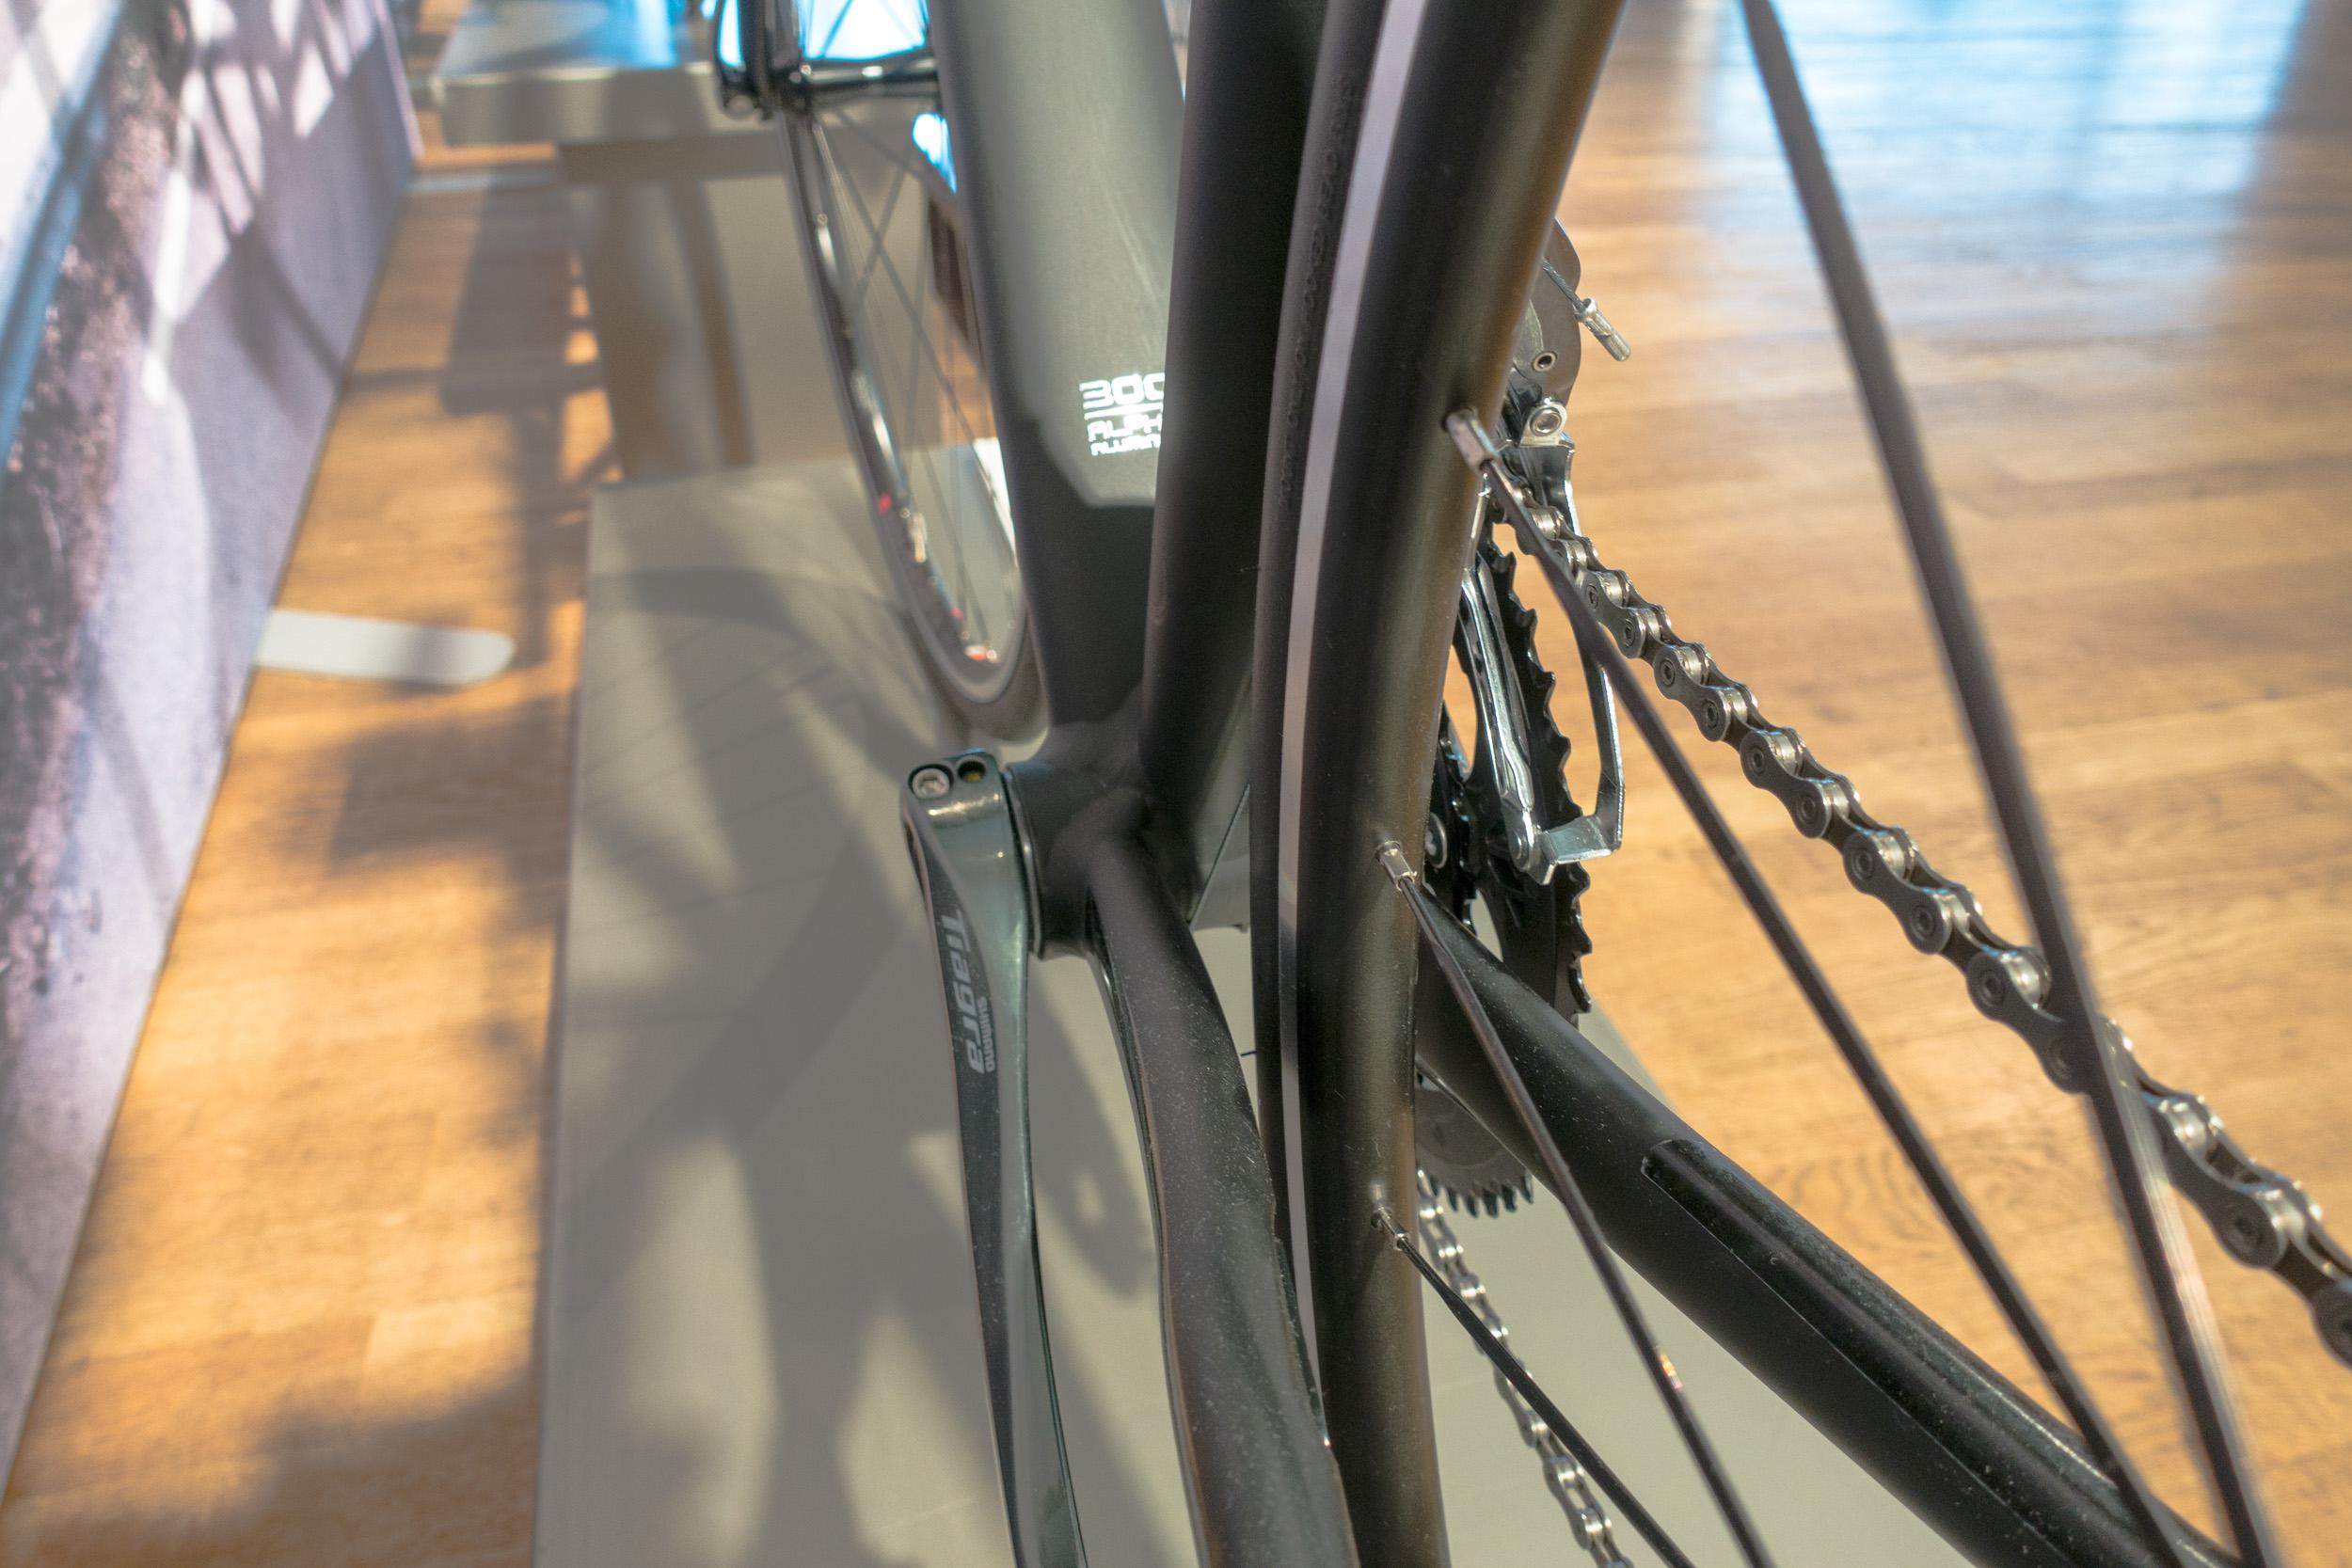 #3 Treks spezielle Schweißtechnik sorgt für eine bessere Verbindung der Rohrübergänge und für eine hohe Steifigkeit.